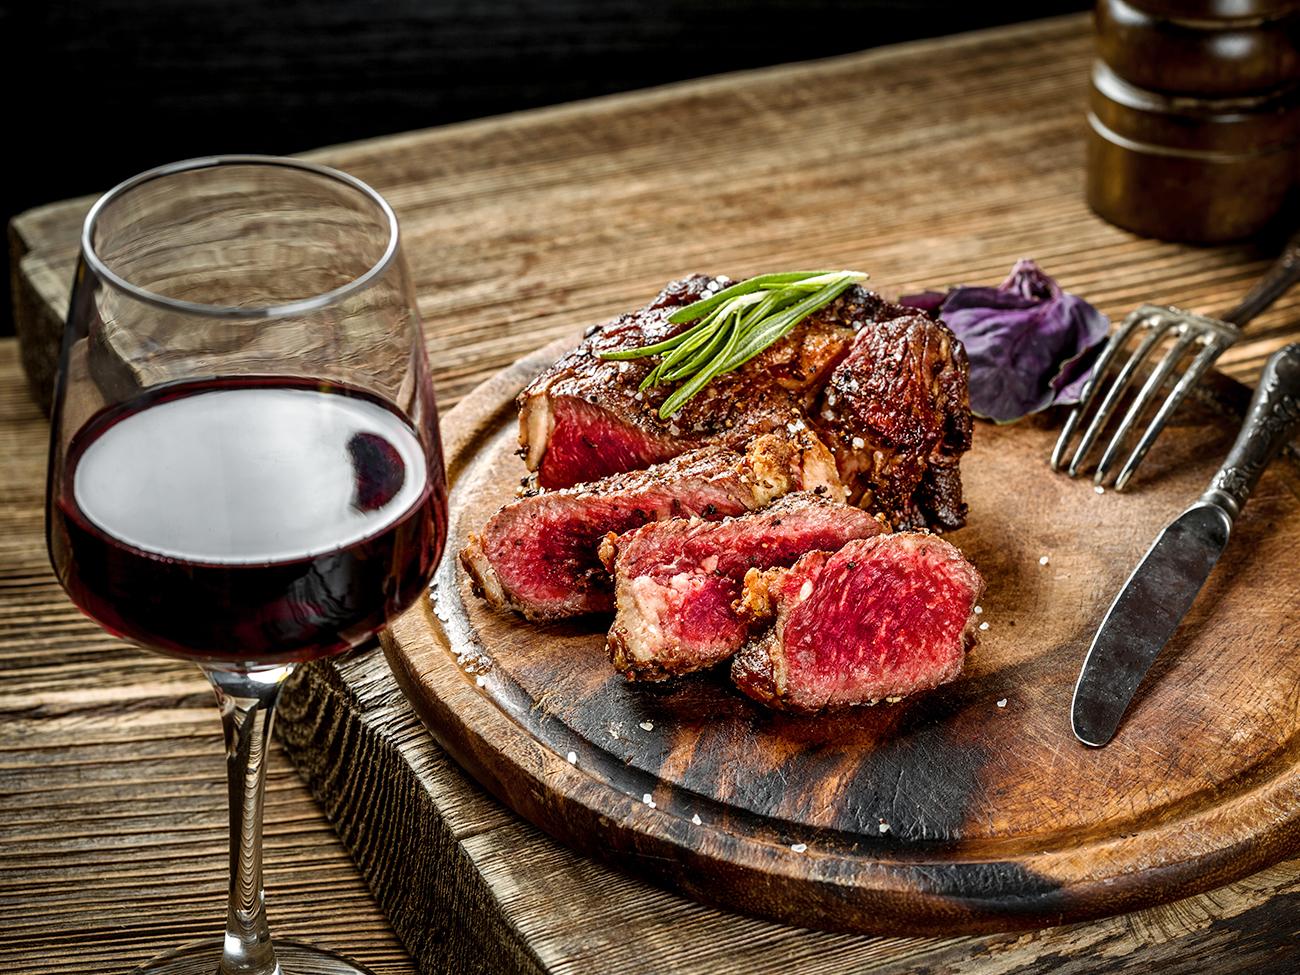 美味しいステーキの焼き方レッスンも!肉料理にぴったりなワイン講座